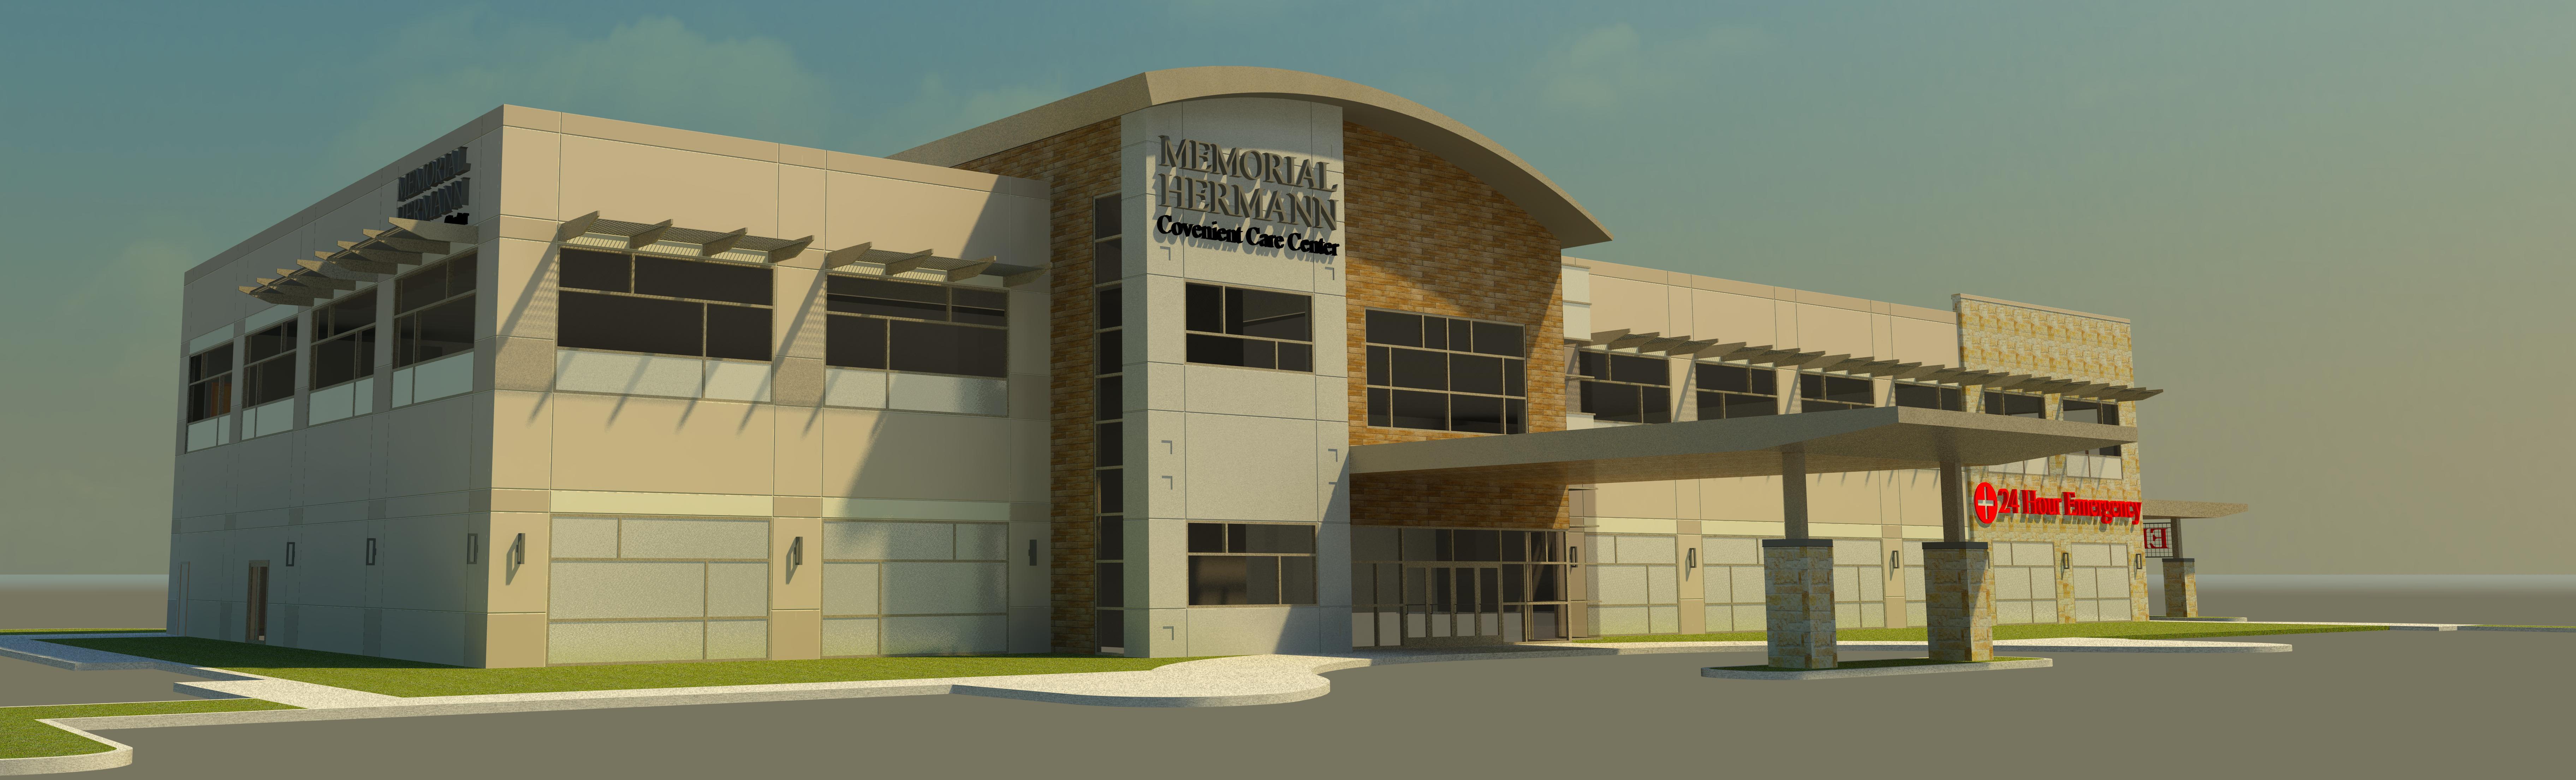 Memorial Hermann Announces Plans for Convenient Care Center in ...